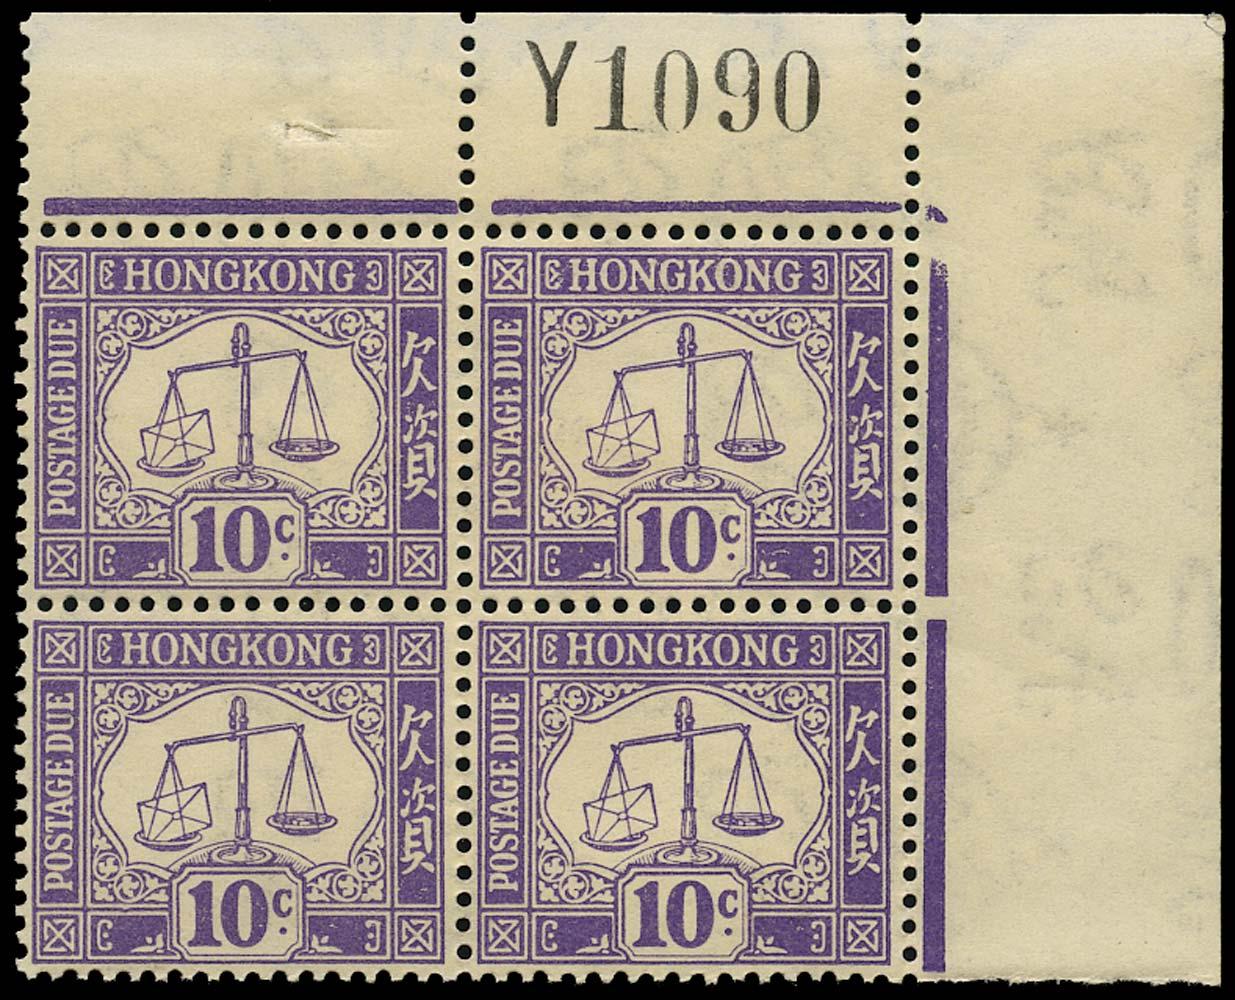 HONG KONG 1938  SGD10 Postage Due 10c violet Script watermark unmounted